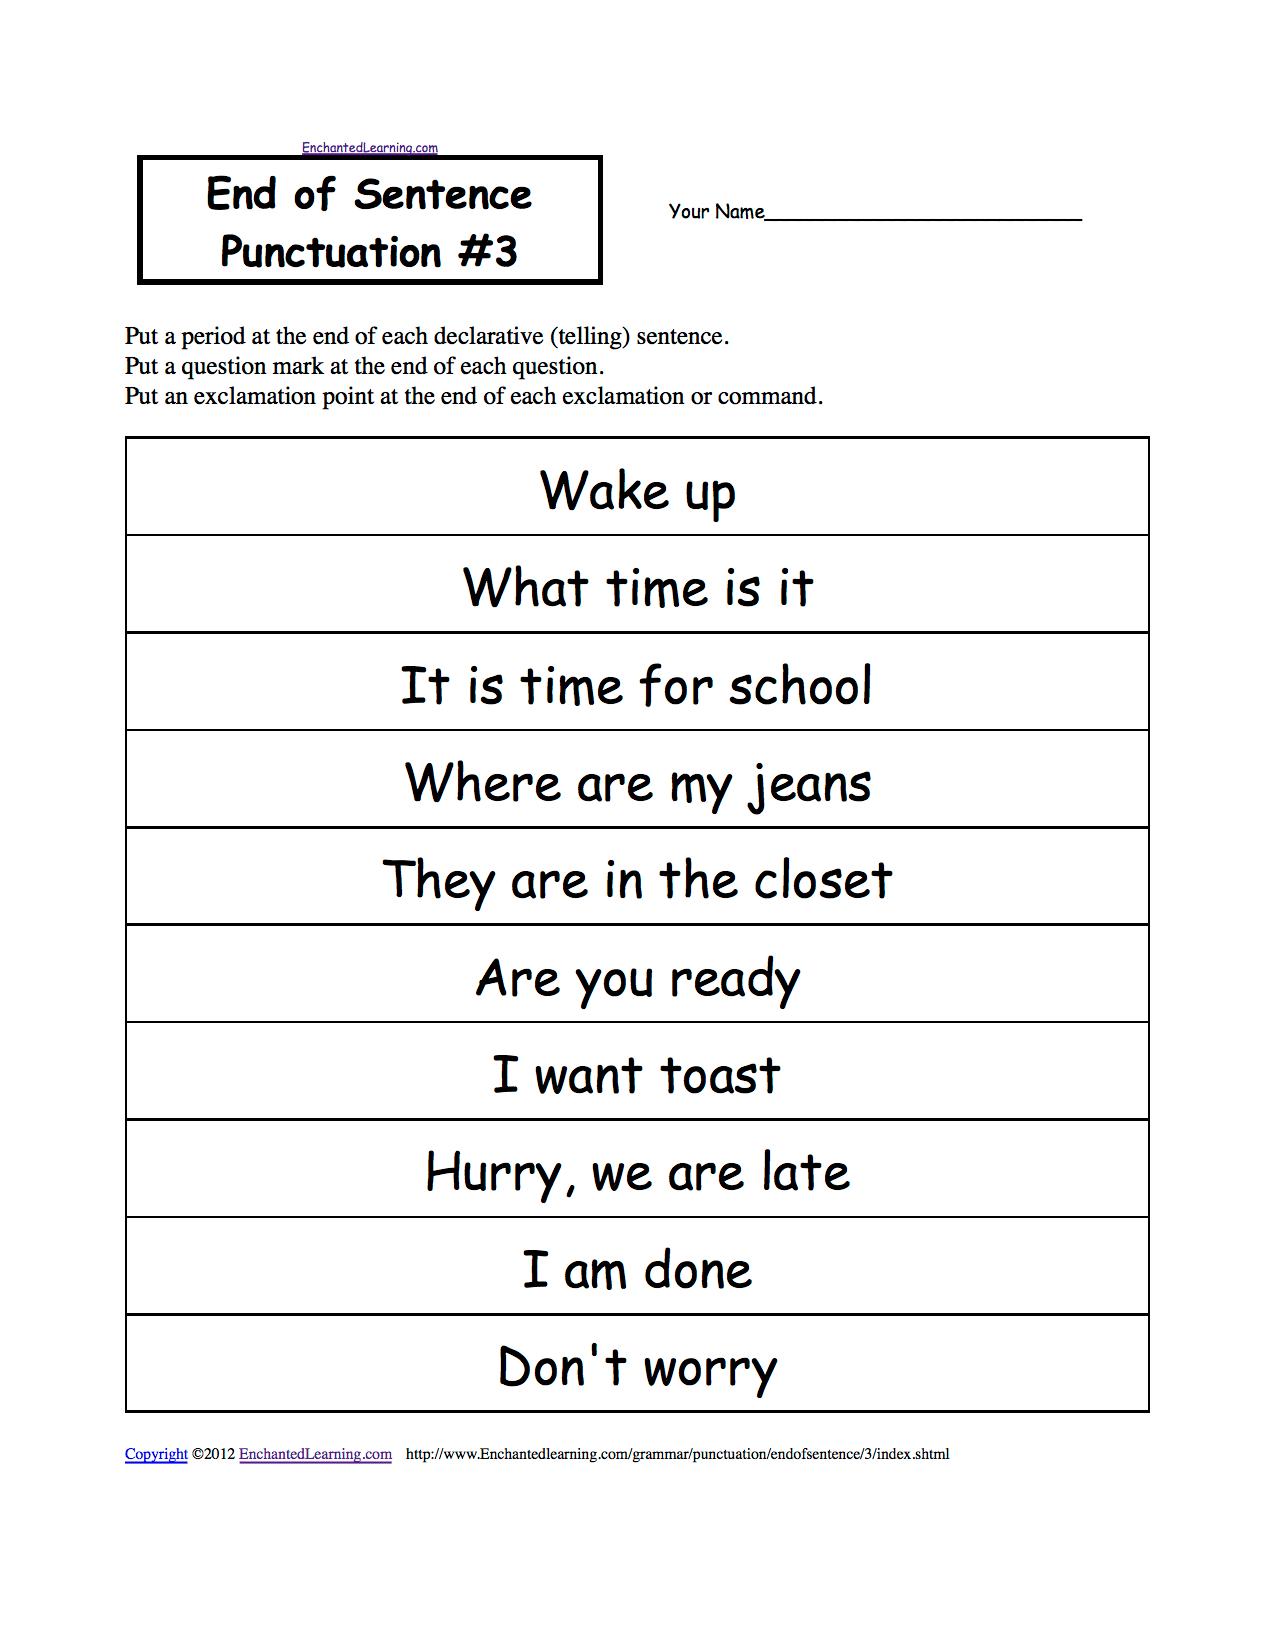 Punctuation Marks Enchantedlearning